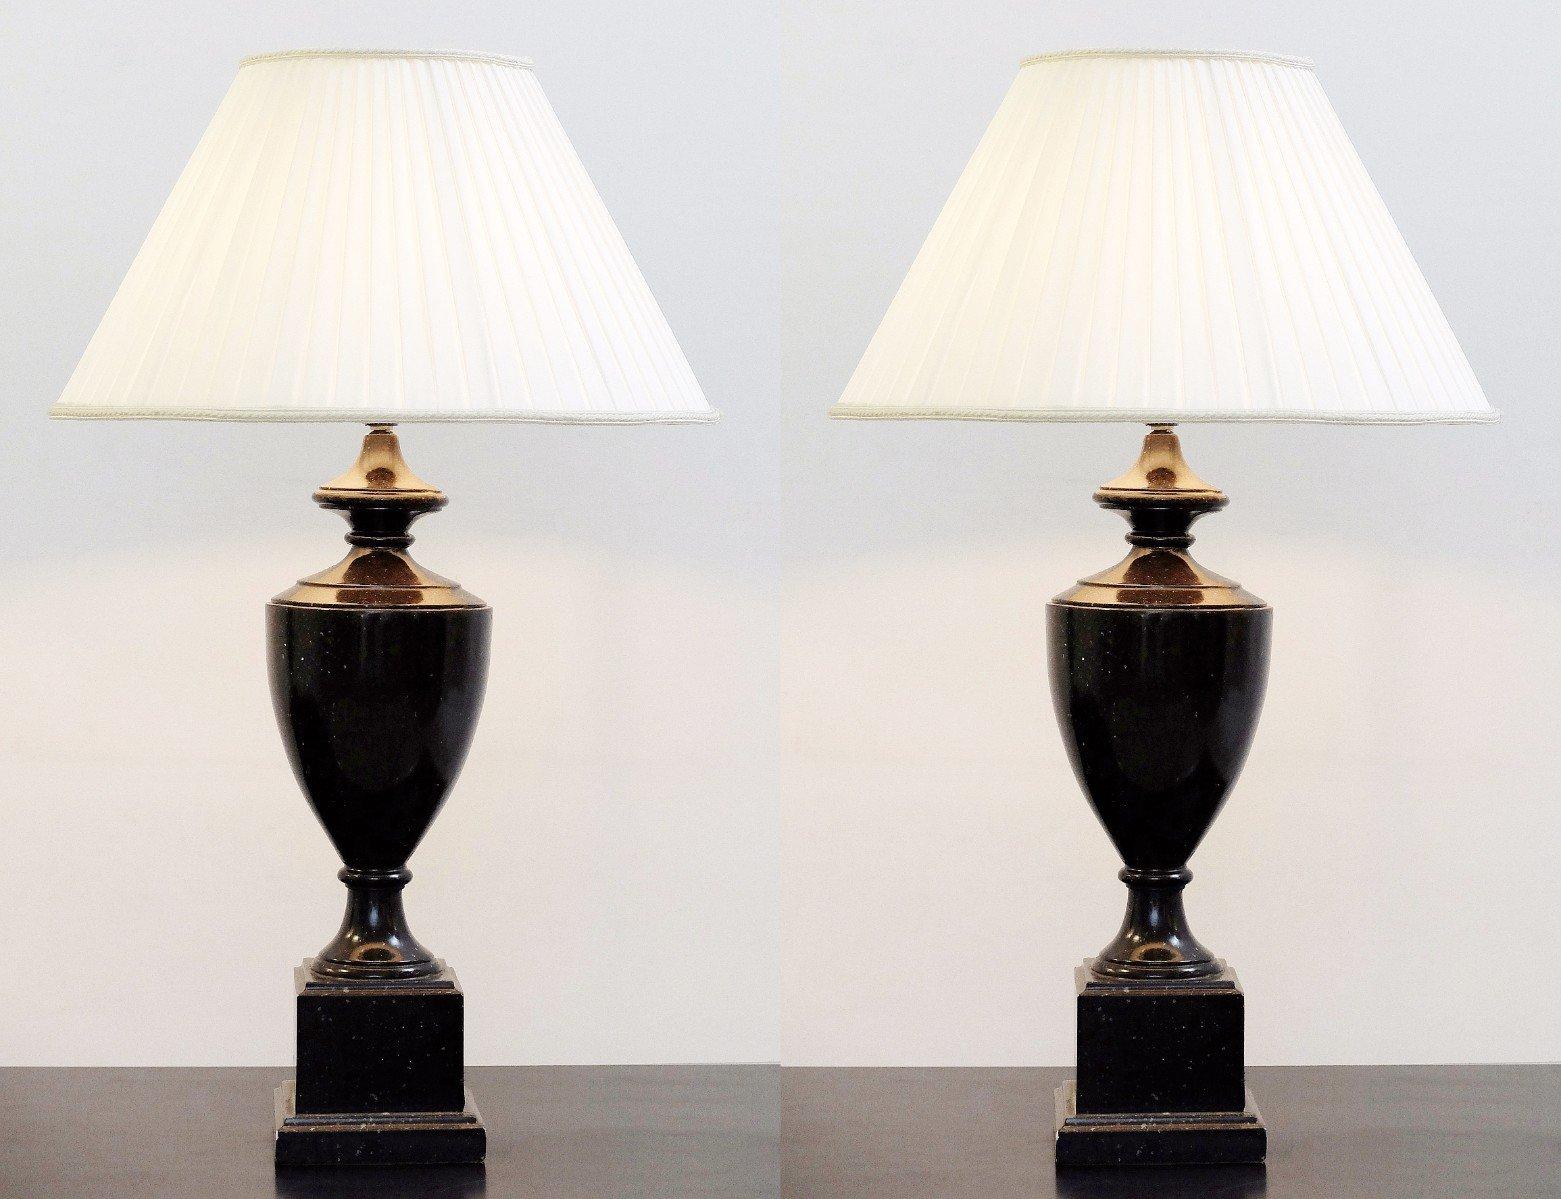 Lampade da tavolo vintage anni 39 80 set di 2 in vendita su pamono - Lampade da tavolo anni 50 ...